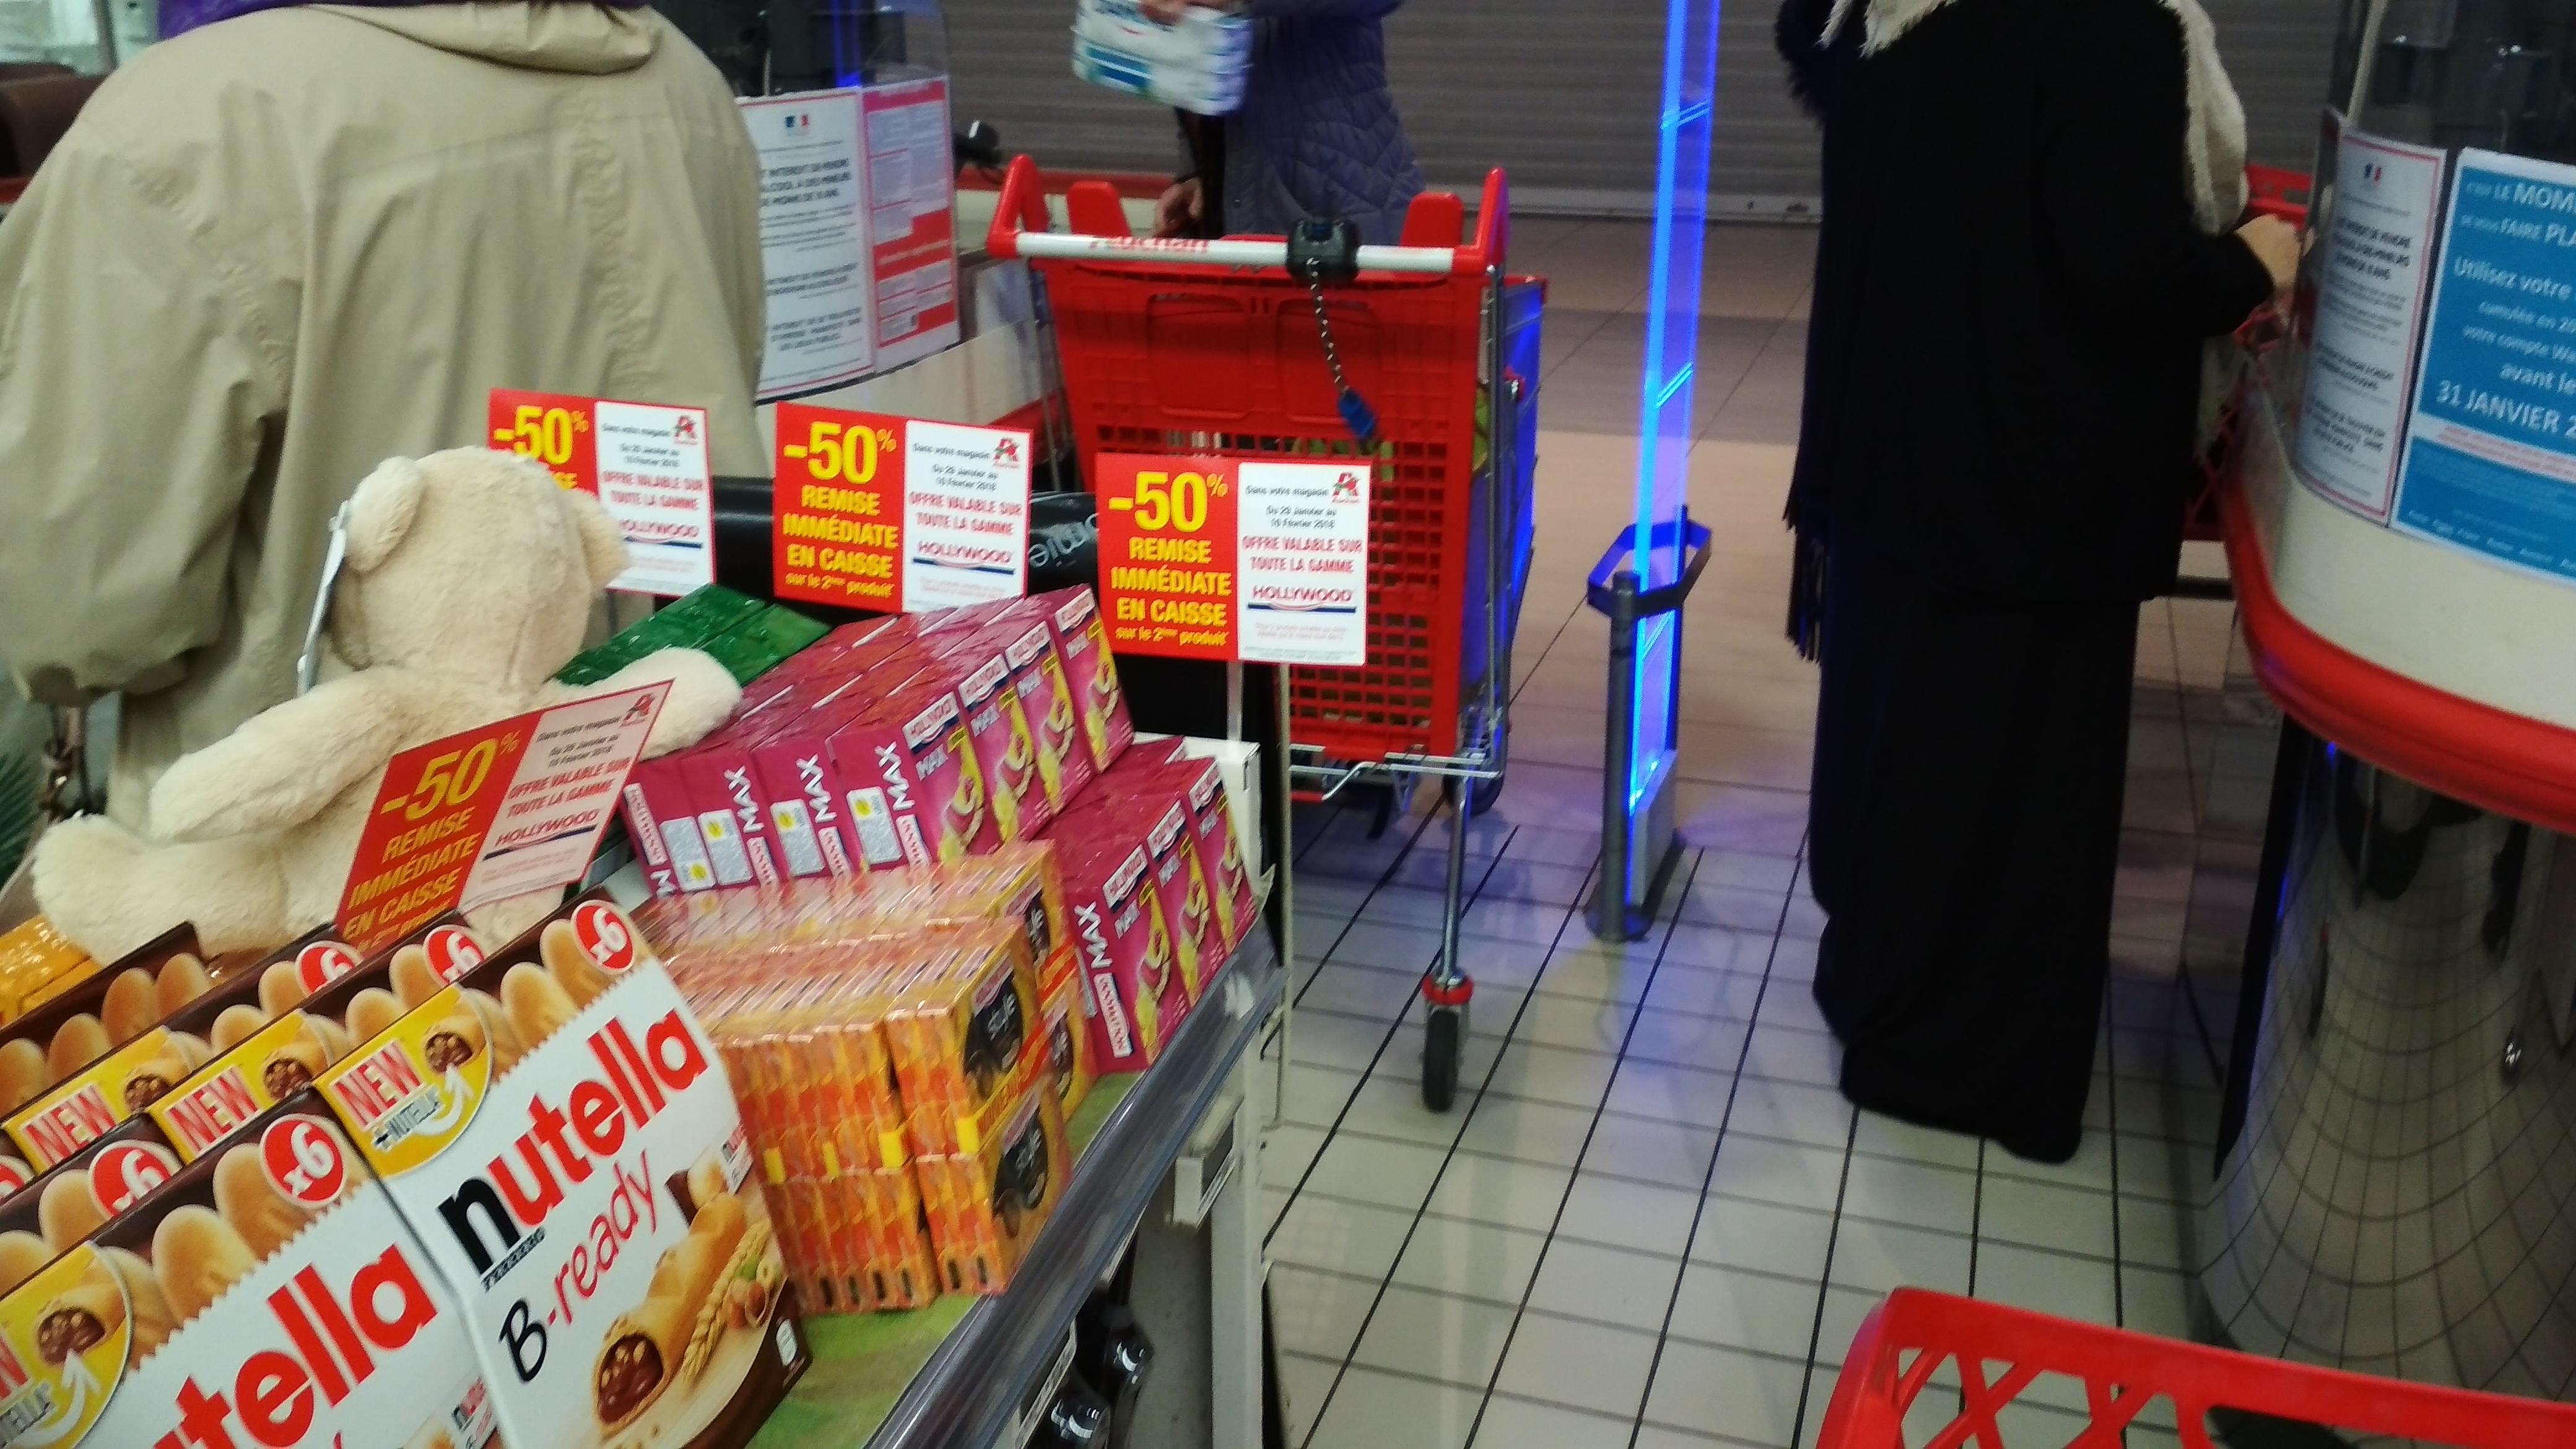 50% de réduction sur le 2ème paquet de chewing-gum Hollywood - Chatellerault (86)